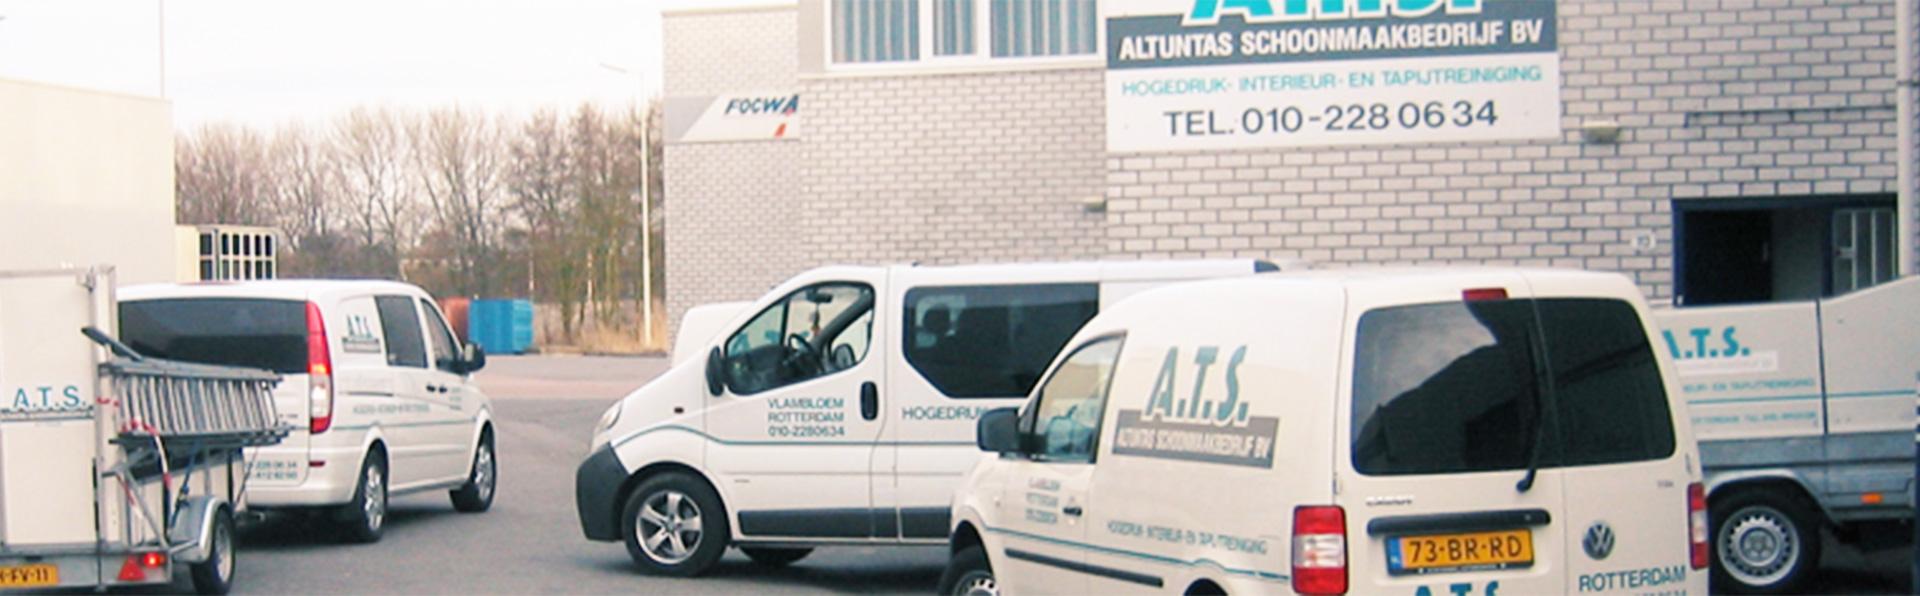 Schoonmaakbedrijf-Katwijk- ATS-header